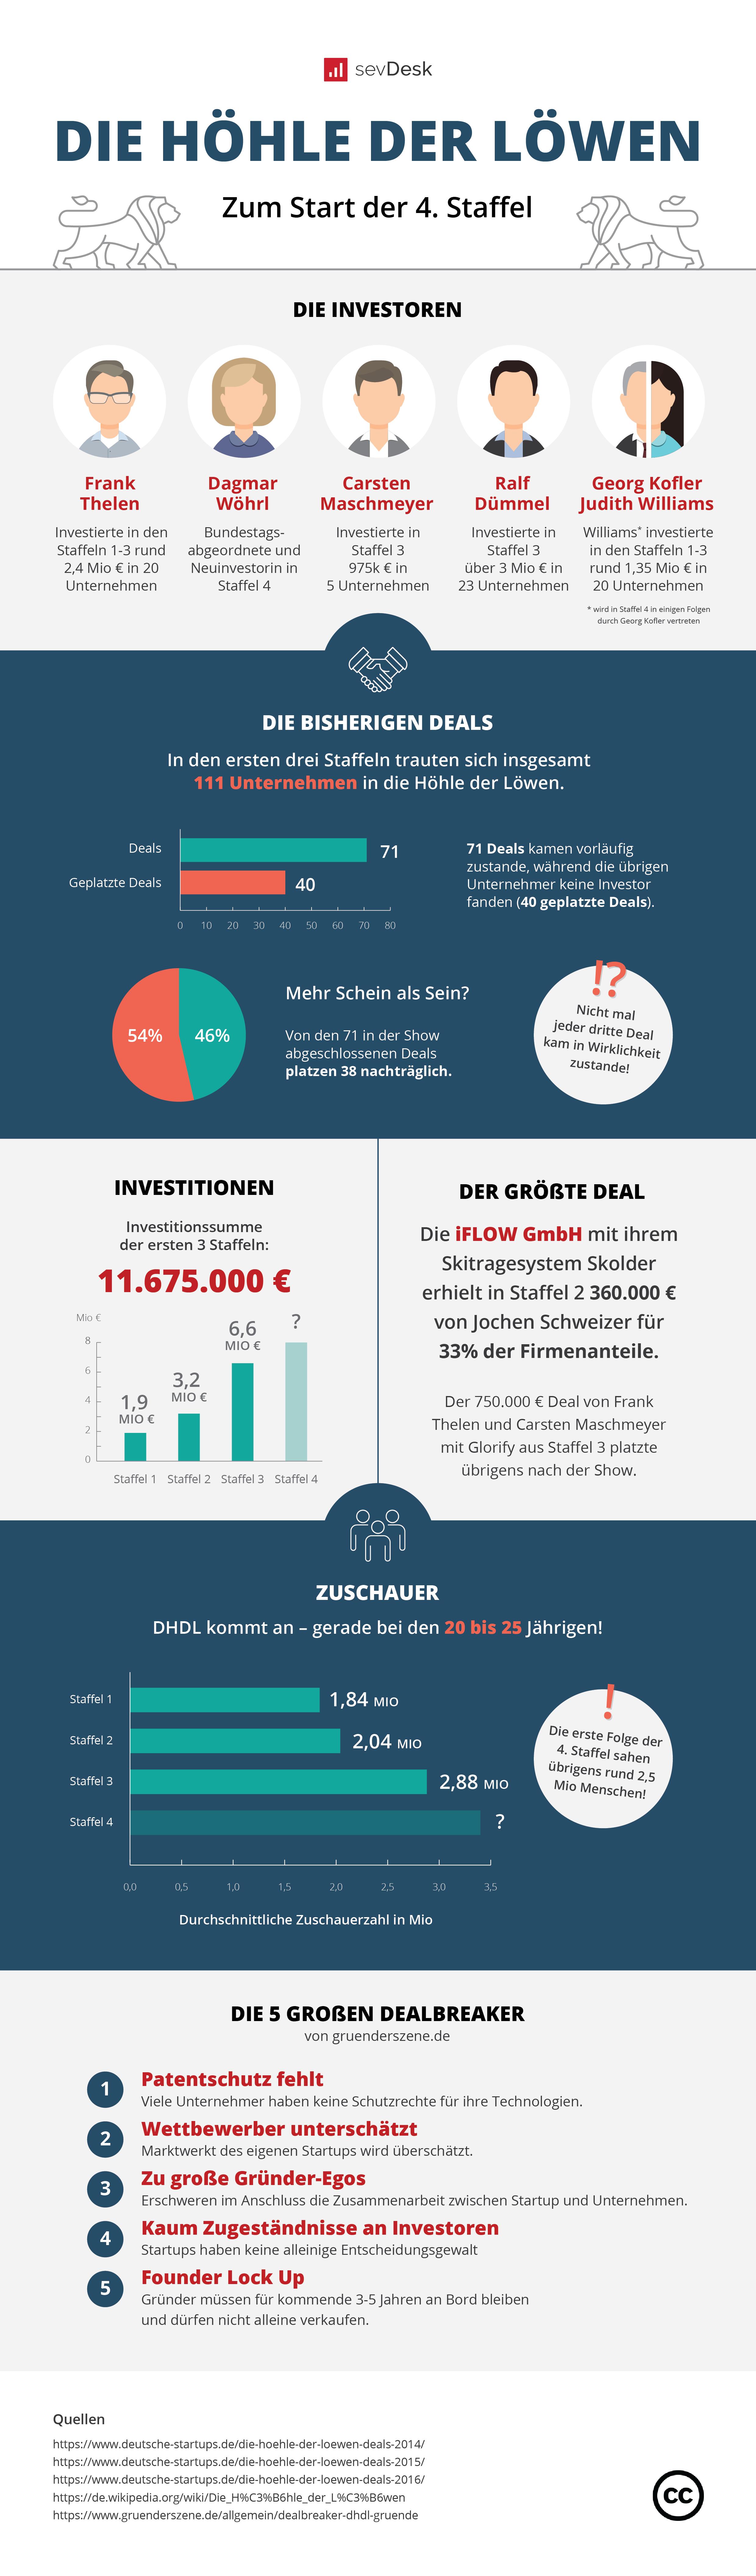 Die_Hohle_der_Lowen_infographic